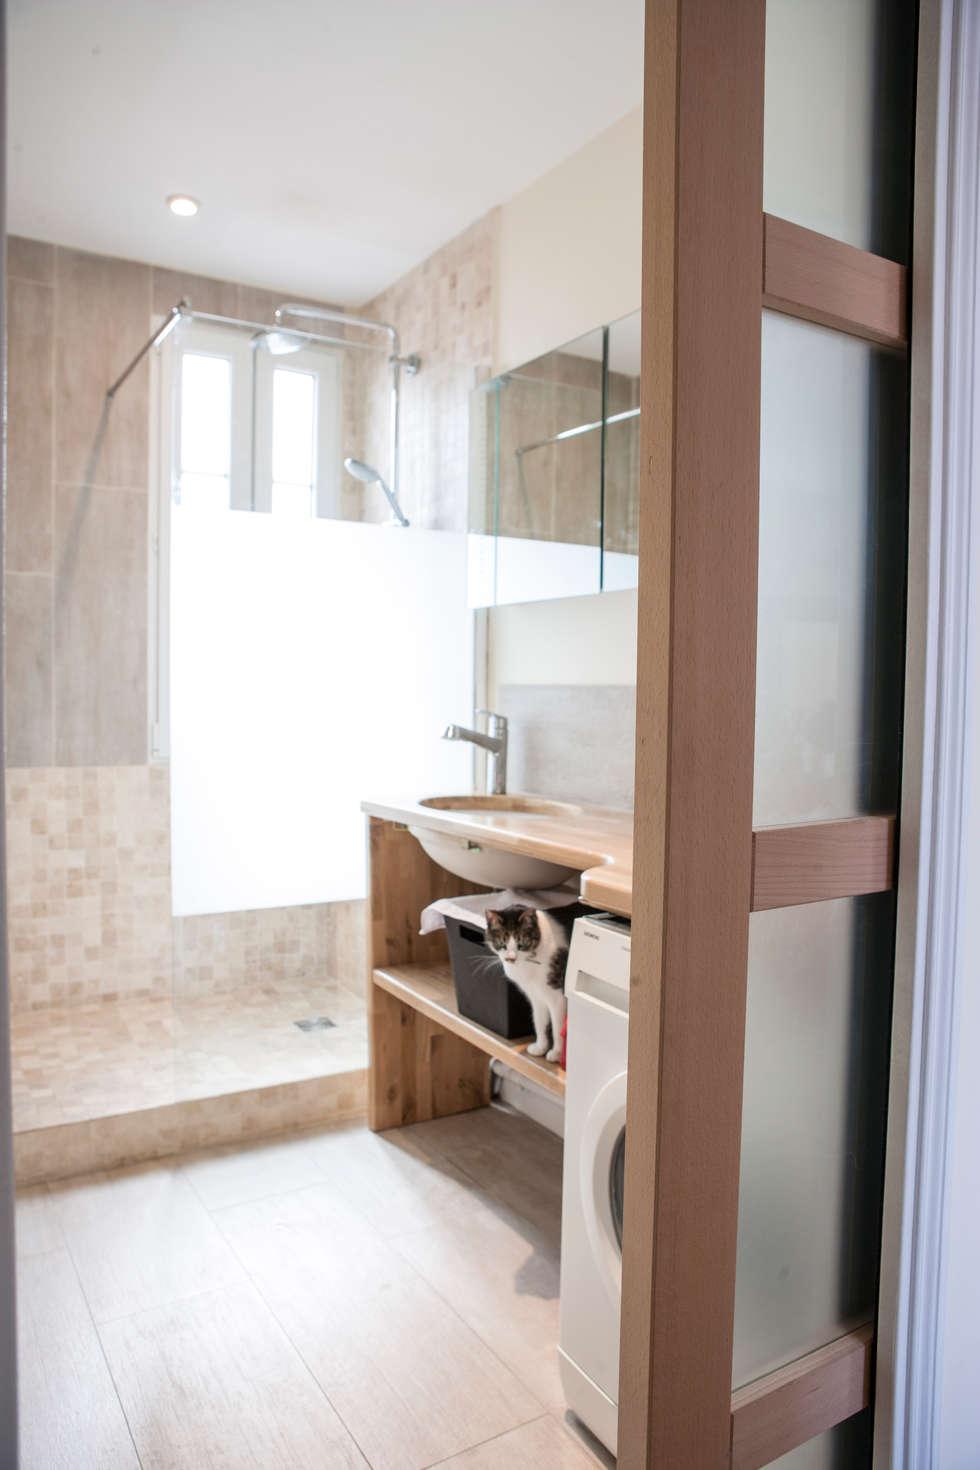 salle de bain 02: Salle de bains de style  par Olivier Olindo Architecte